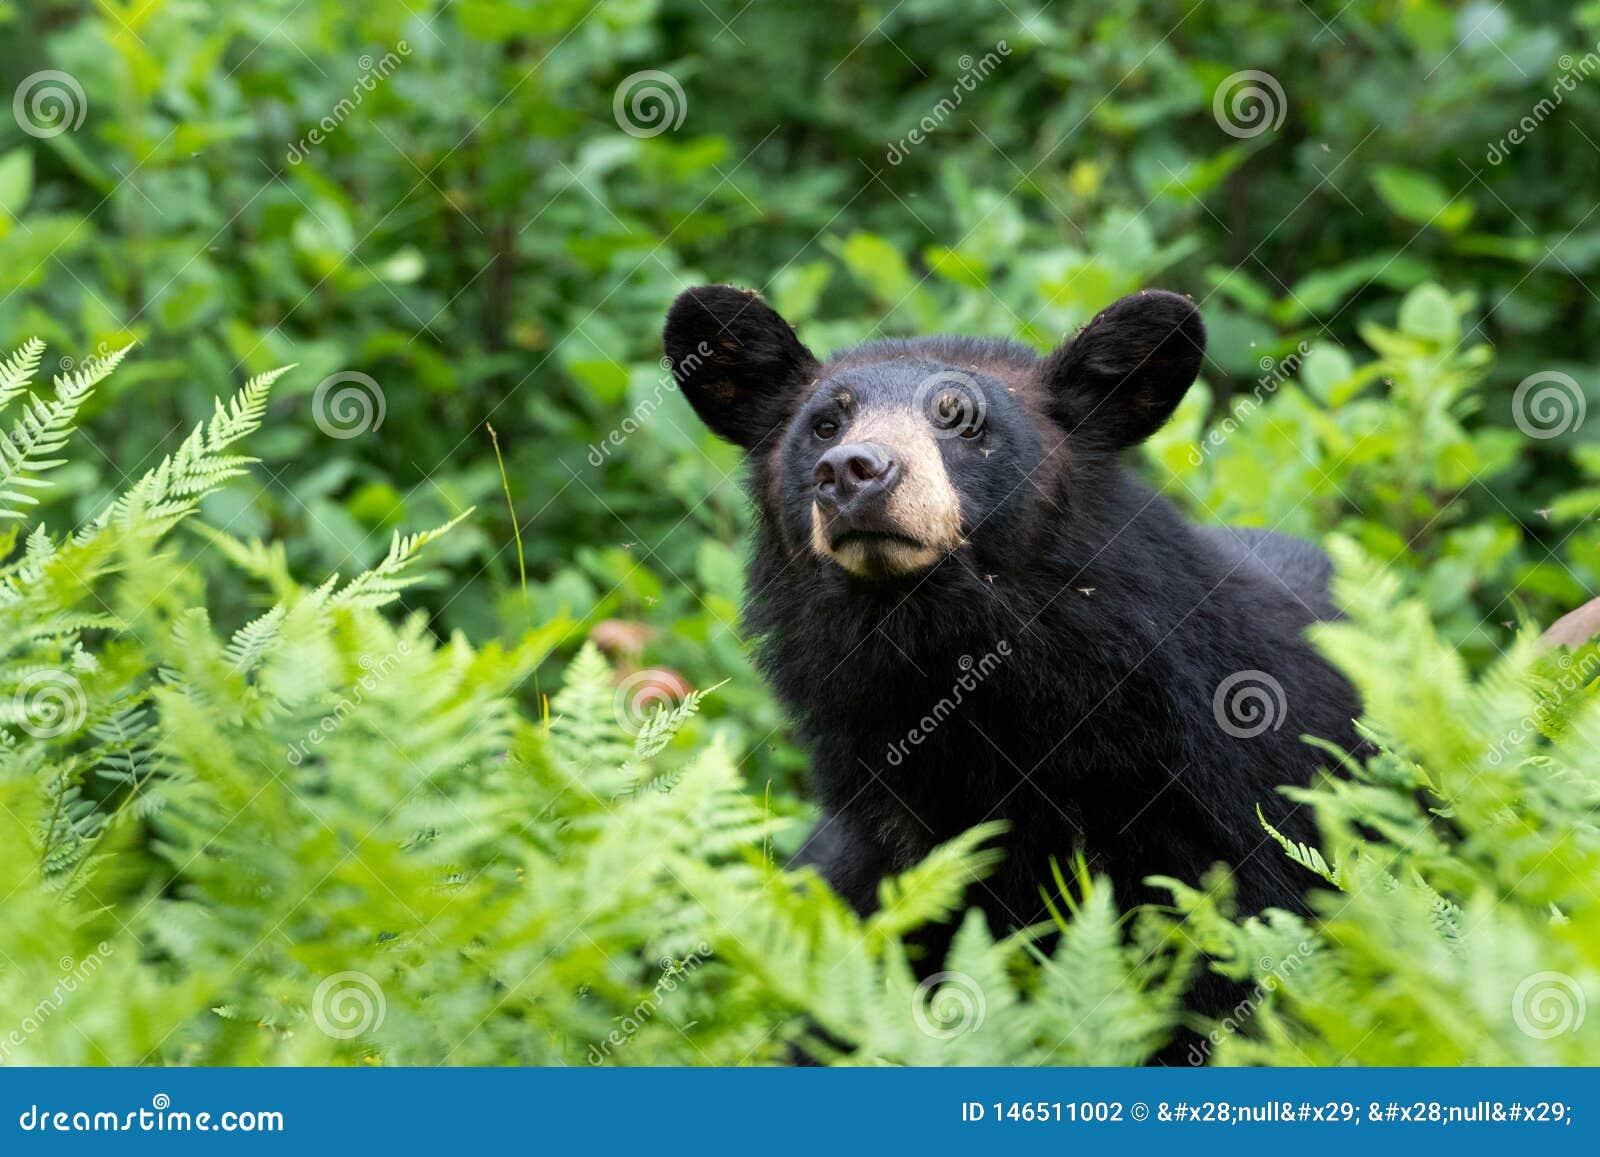 Μαύρος αντέξτε στη φύση Ursus αμερικανικό